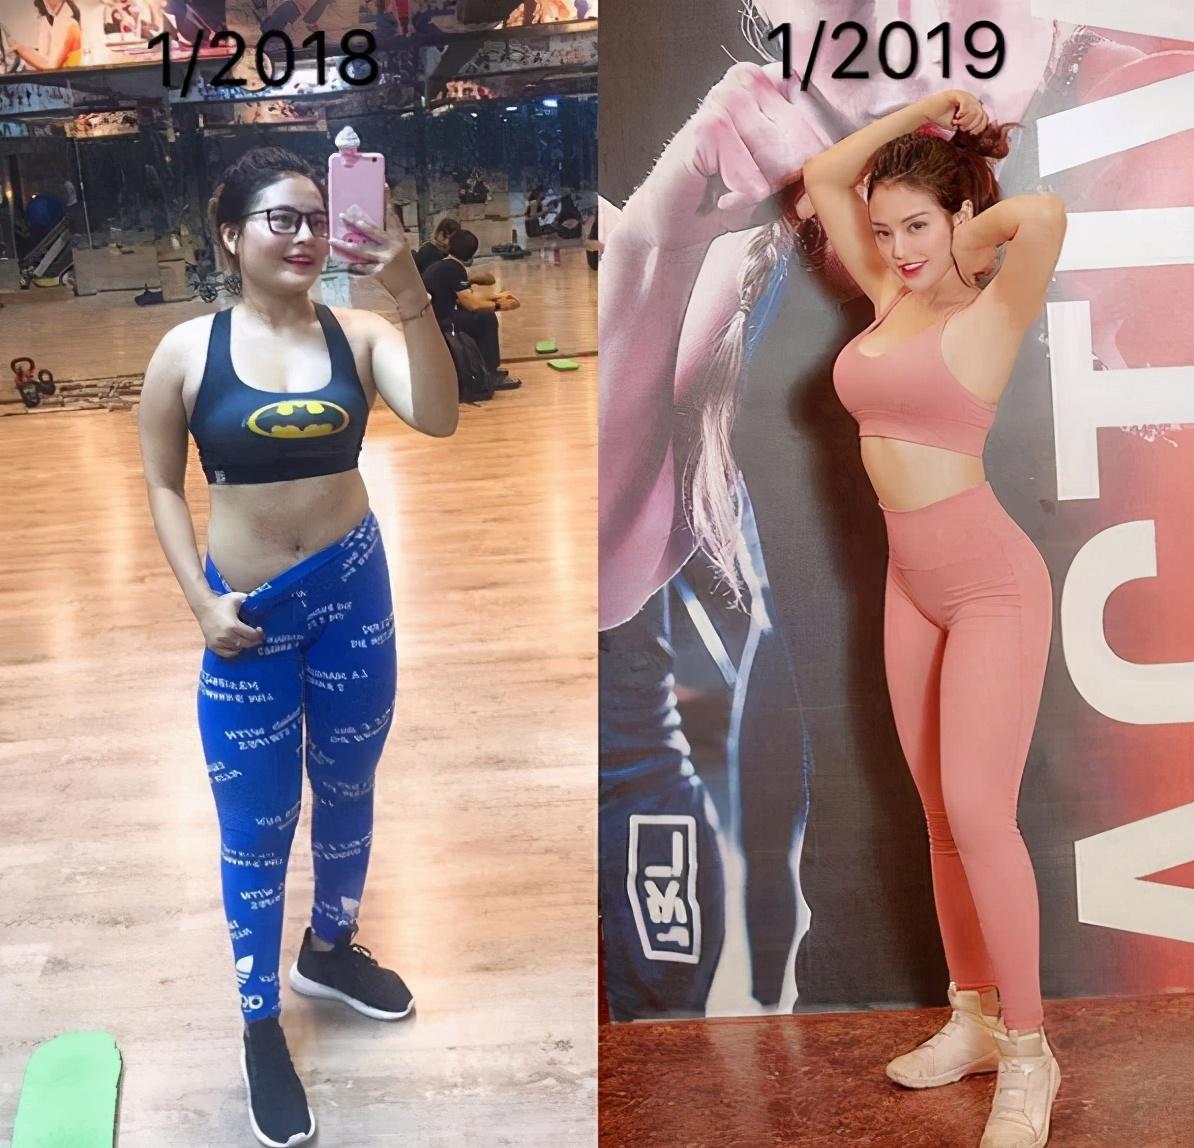 越南美女Nguyen1年减掉20斤打造出蜂腰翘臀欧美身材